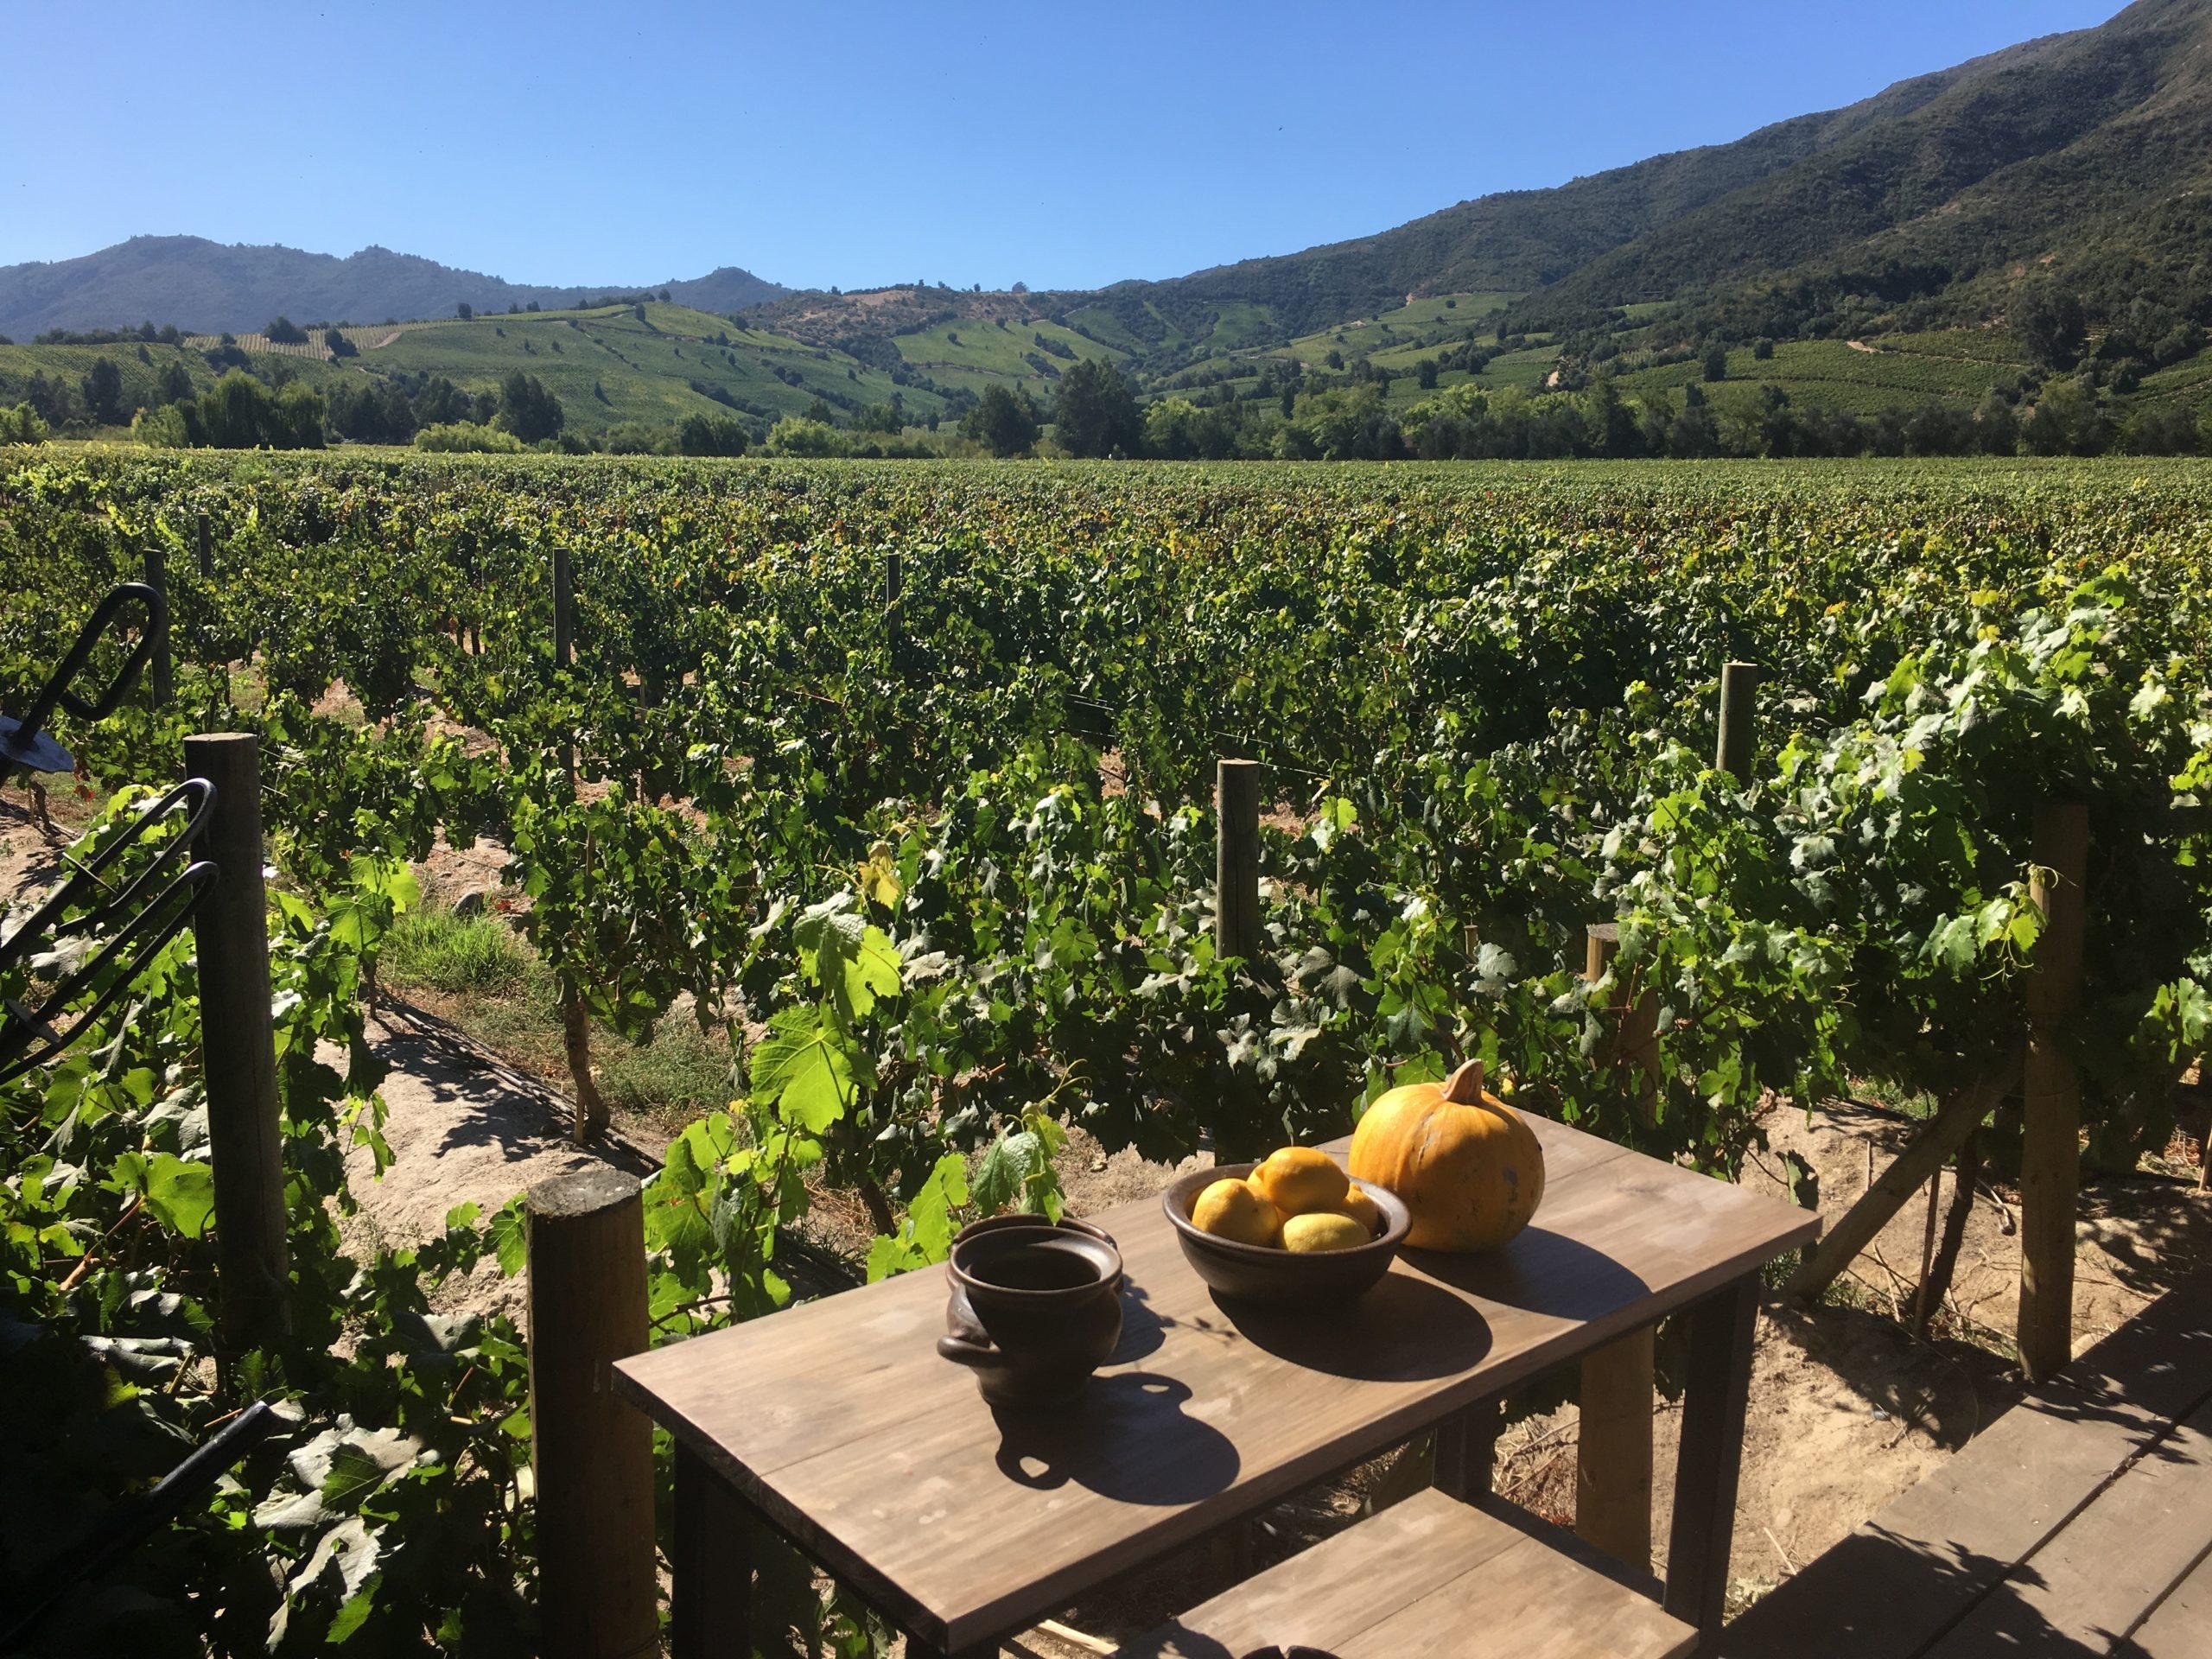 colchagua valley vineyards seen from Fuegos de Apalta